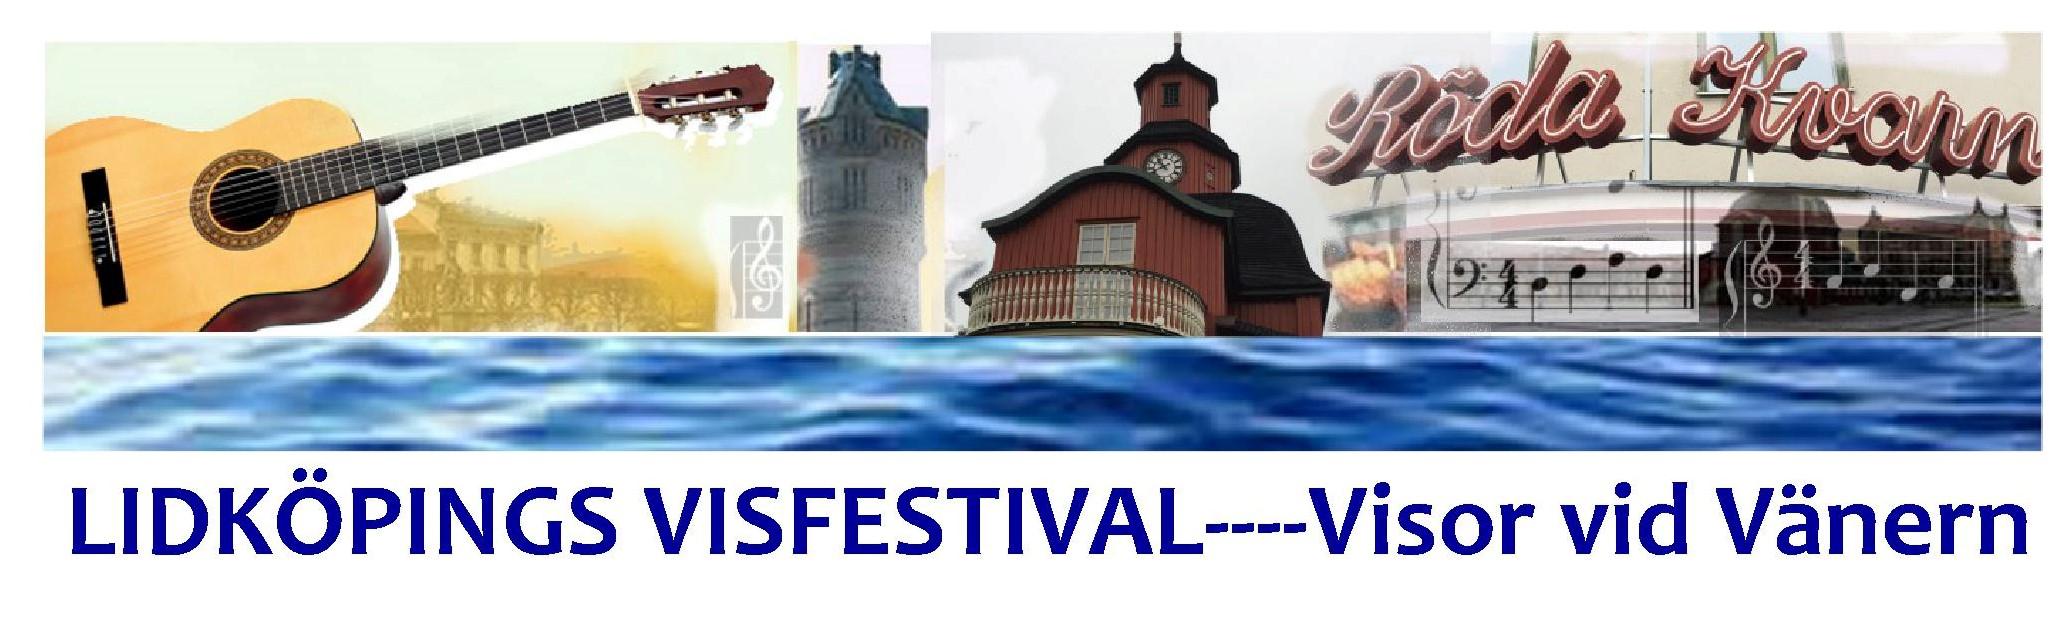 Lidköpings Visfestival